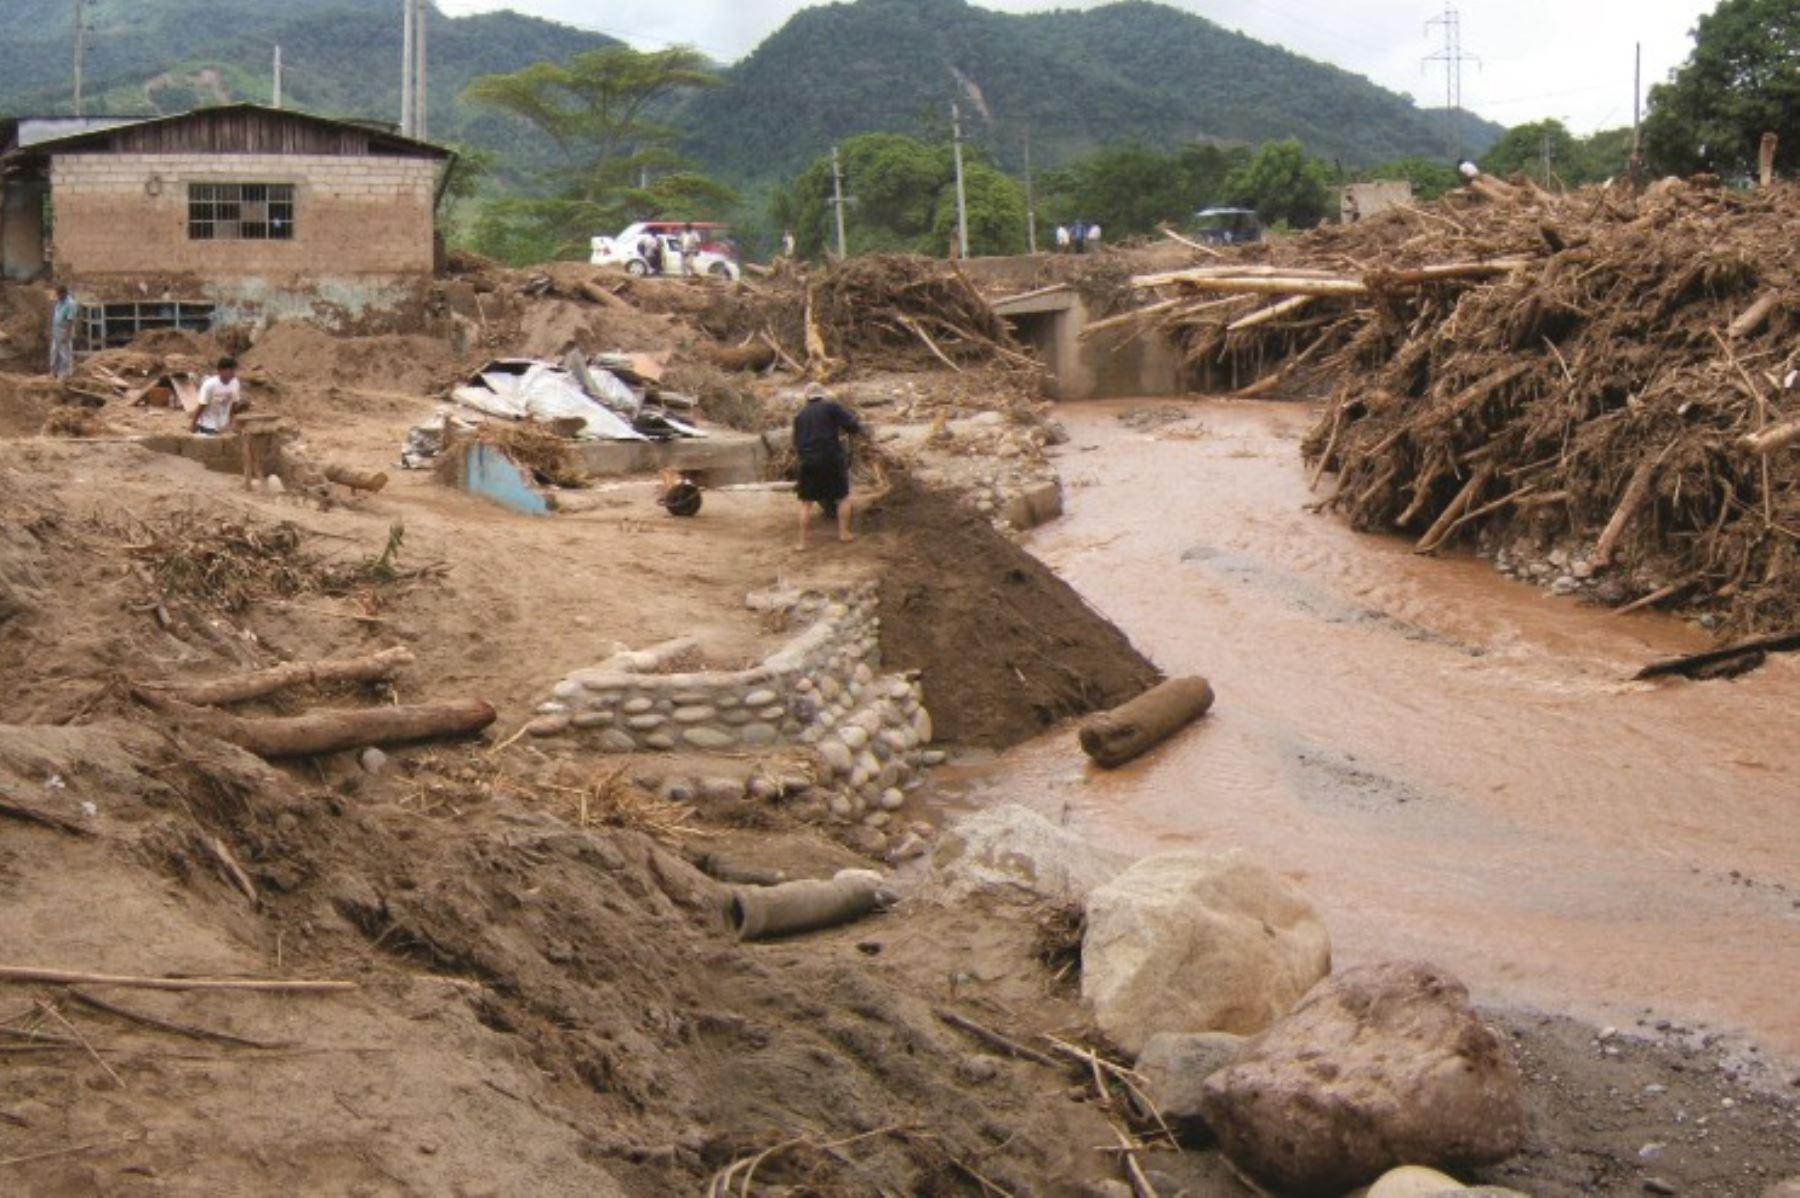 Las avalanchas, los derrumbes y deslizamientos son algunas de las ocurrencias de peligros geológicos más recurrentes en la región Junín.